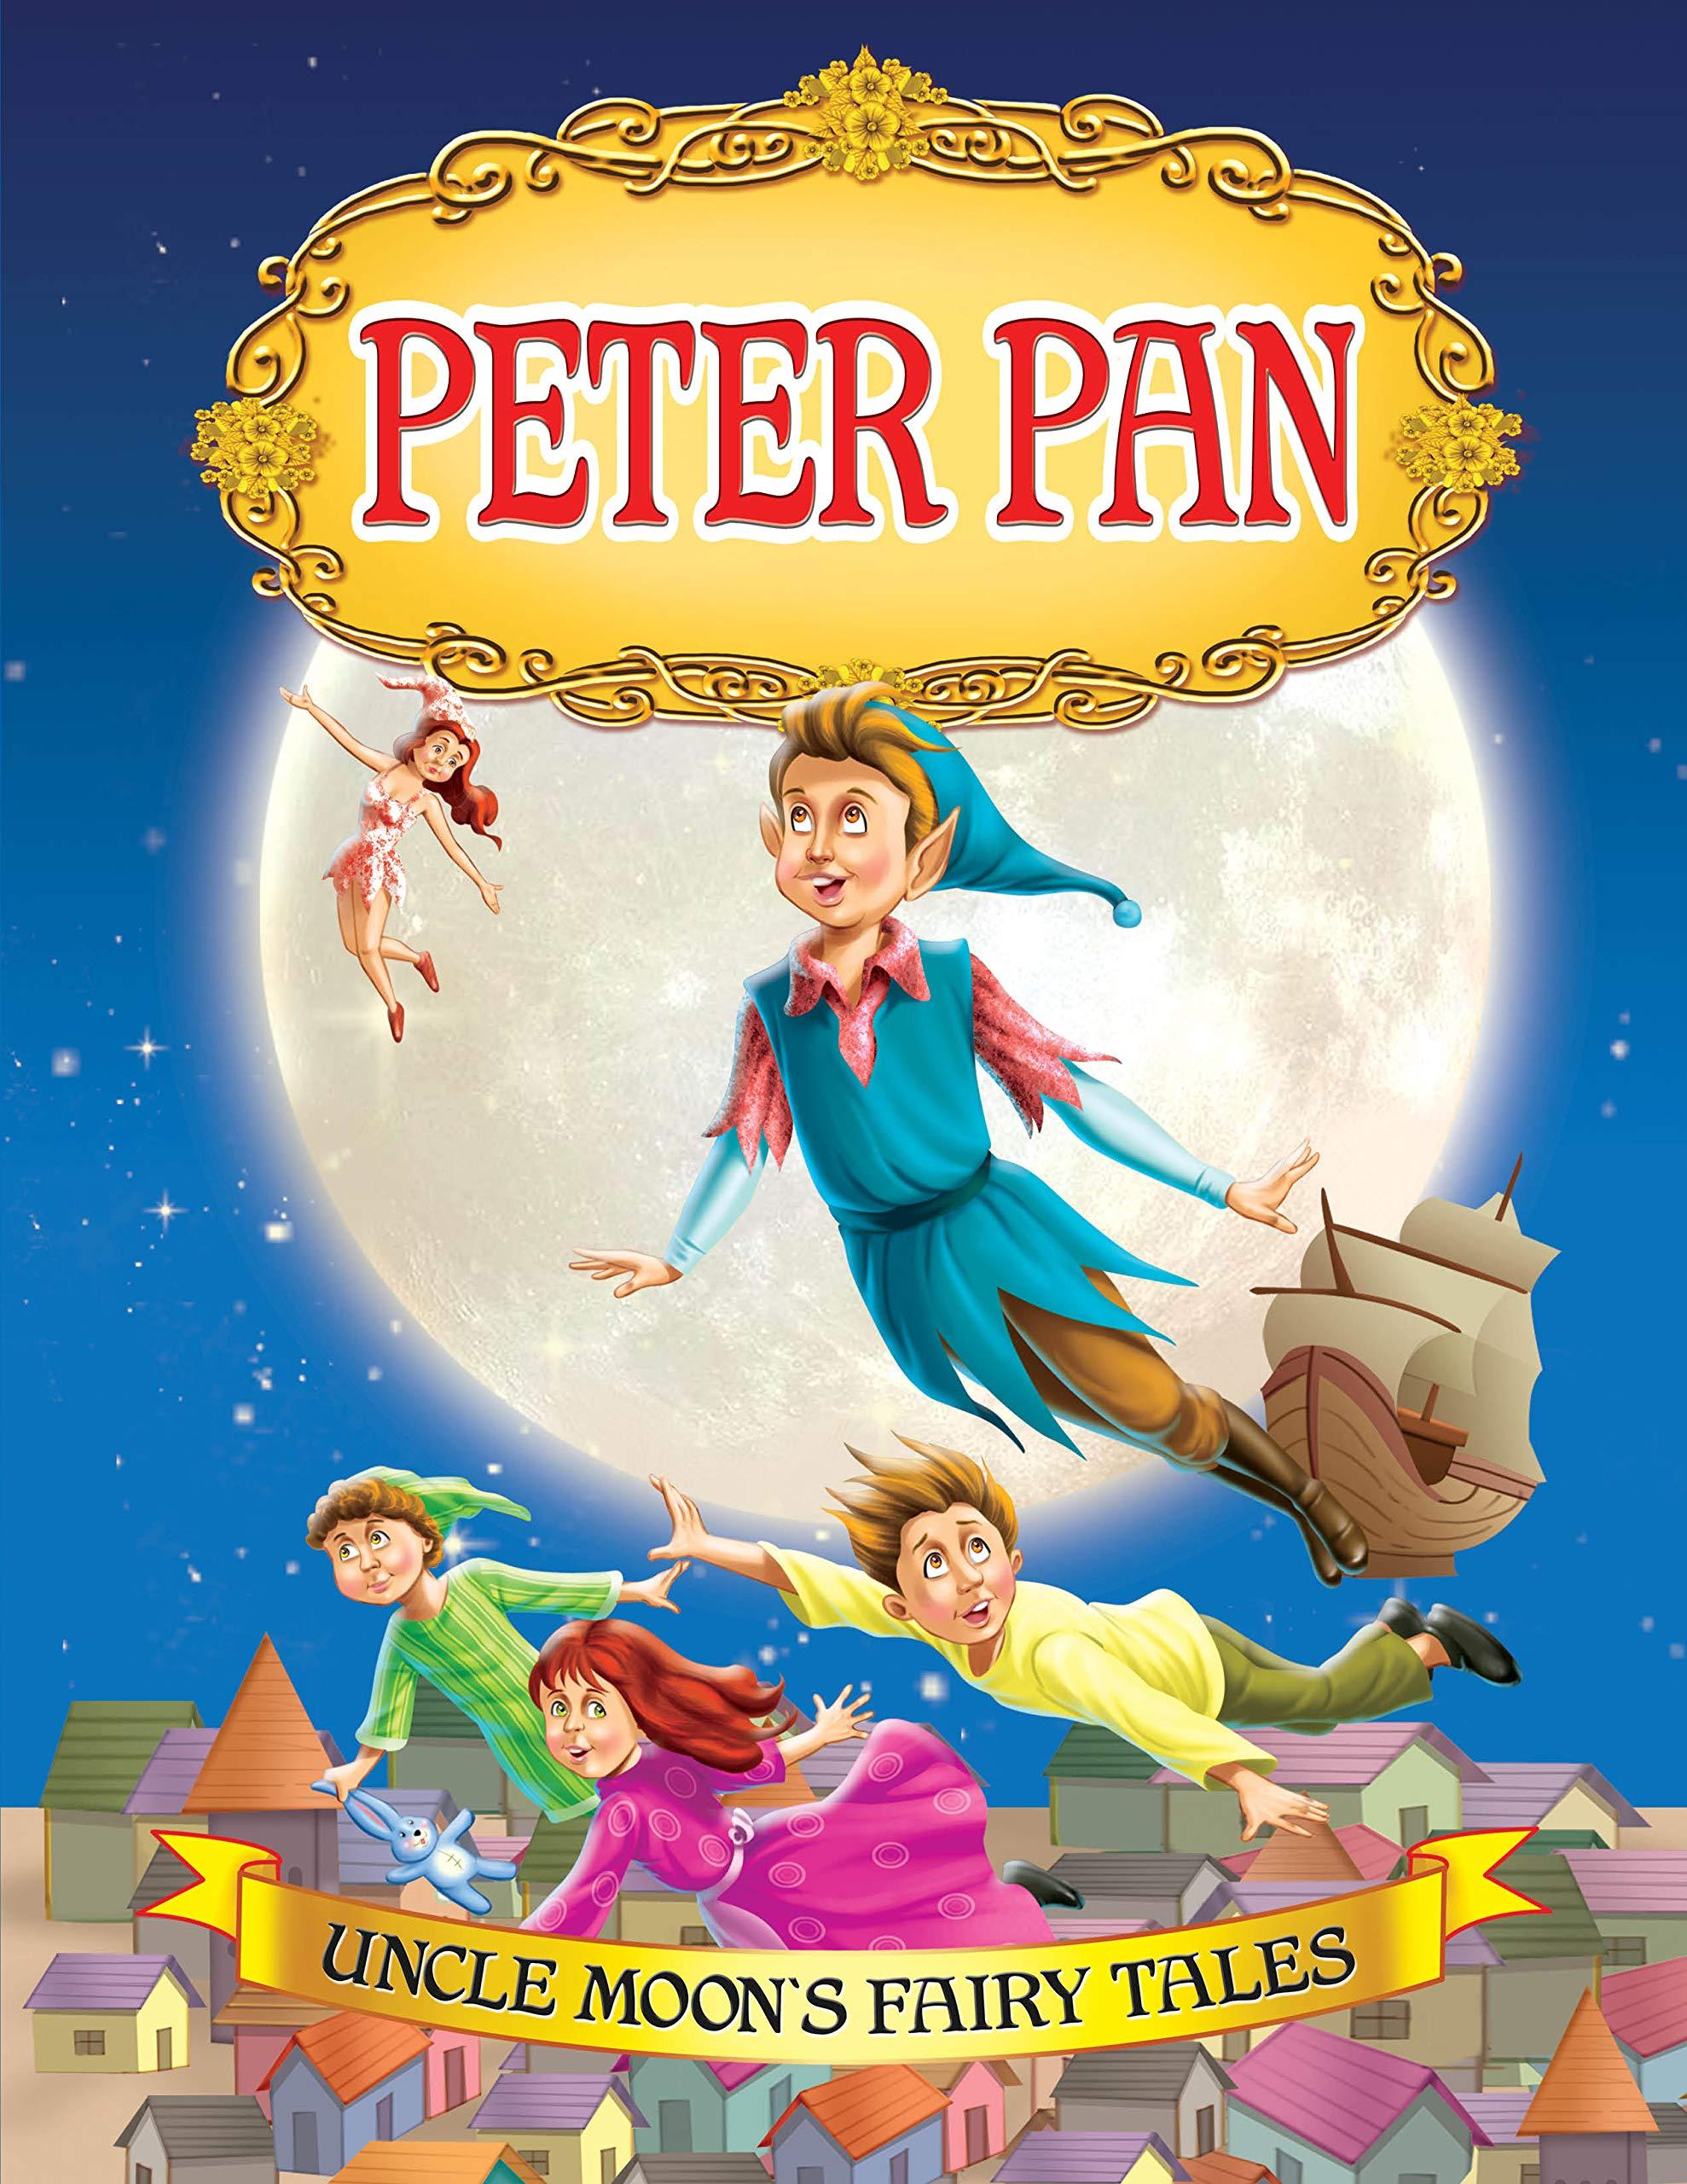 (Uncle Moon's Fairy Tales) Moon:Peter Pan